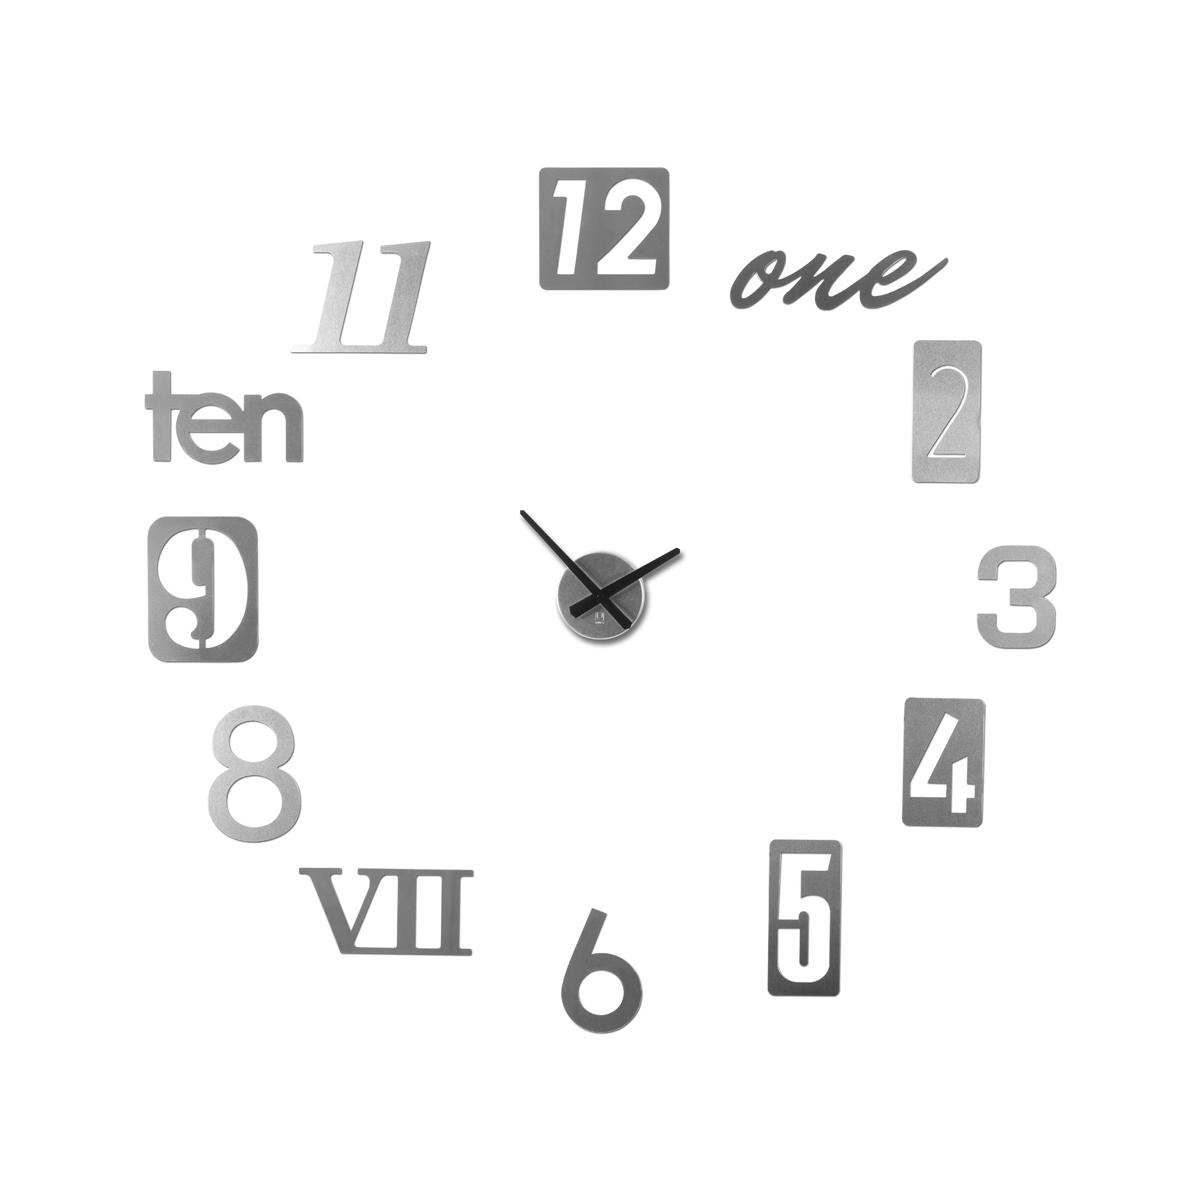 Часы настенные Umbra Numbra118430-008Вдохновением к созданию таких необычных часов послужили таблички с номерами домов на туманных английский улочках. Каждый элемент часов Numbra крепится отдельно, таким образом вы можете сами решить, на каком расстоянии цифры будут располагаться друг относительно друга, будут ли они кругом, ромбом, треугольником. Можно расположить их близко по трафарету, который идет в комплекте, а можно на расстоянии, задействовав все пространство любой скучной и пустой стены. В комплекте 12 металлических цифр, механизм со стрелками, трафарет, а также специальная монтажная липучка для крепления часов к стене. Механизм работает при помощи двух батареек АА. Таблички с цифрами делятся на три вида по размеру: 22.9 х 7.6 см, 17.8 х 17.8 см и 15.2 х 10.7 см